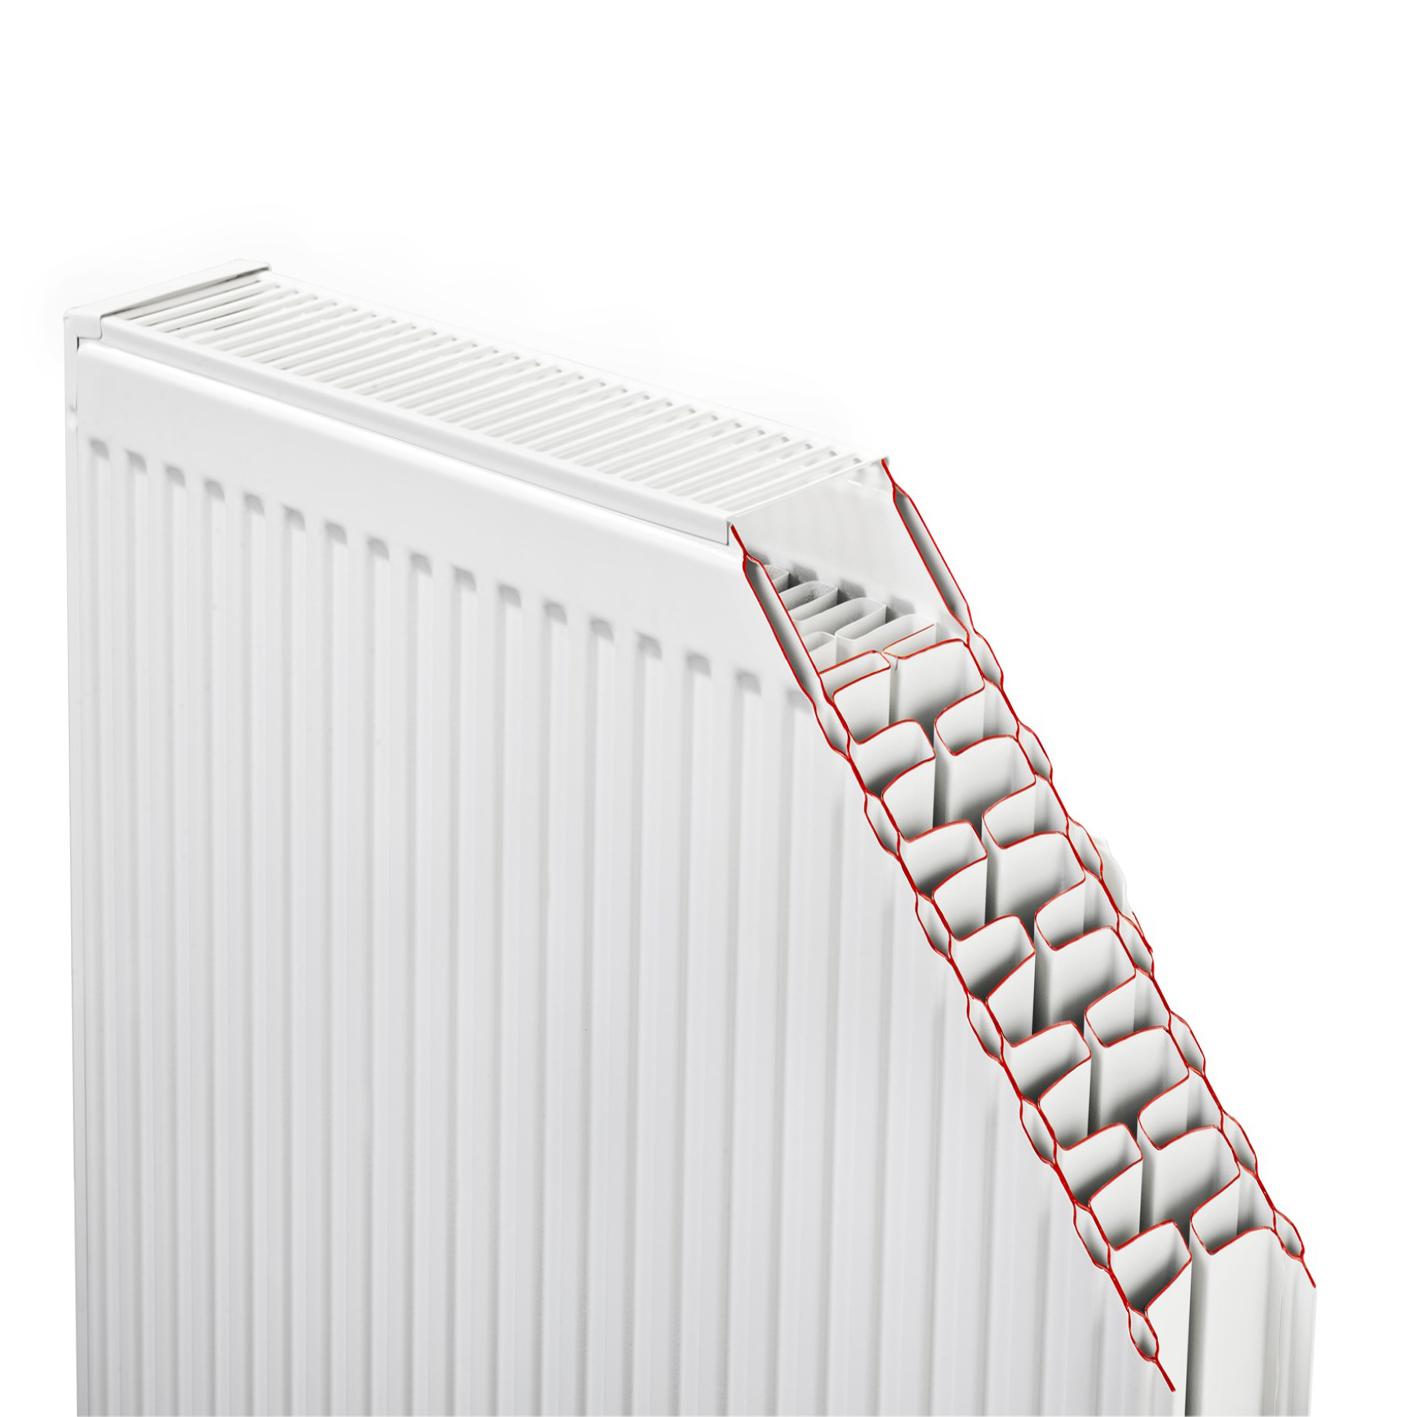 Dlüx 600x800 Panel Radyatör